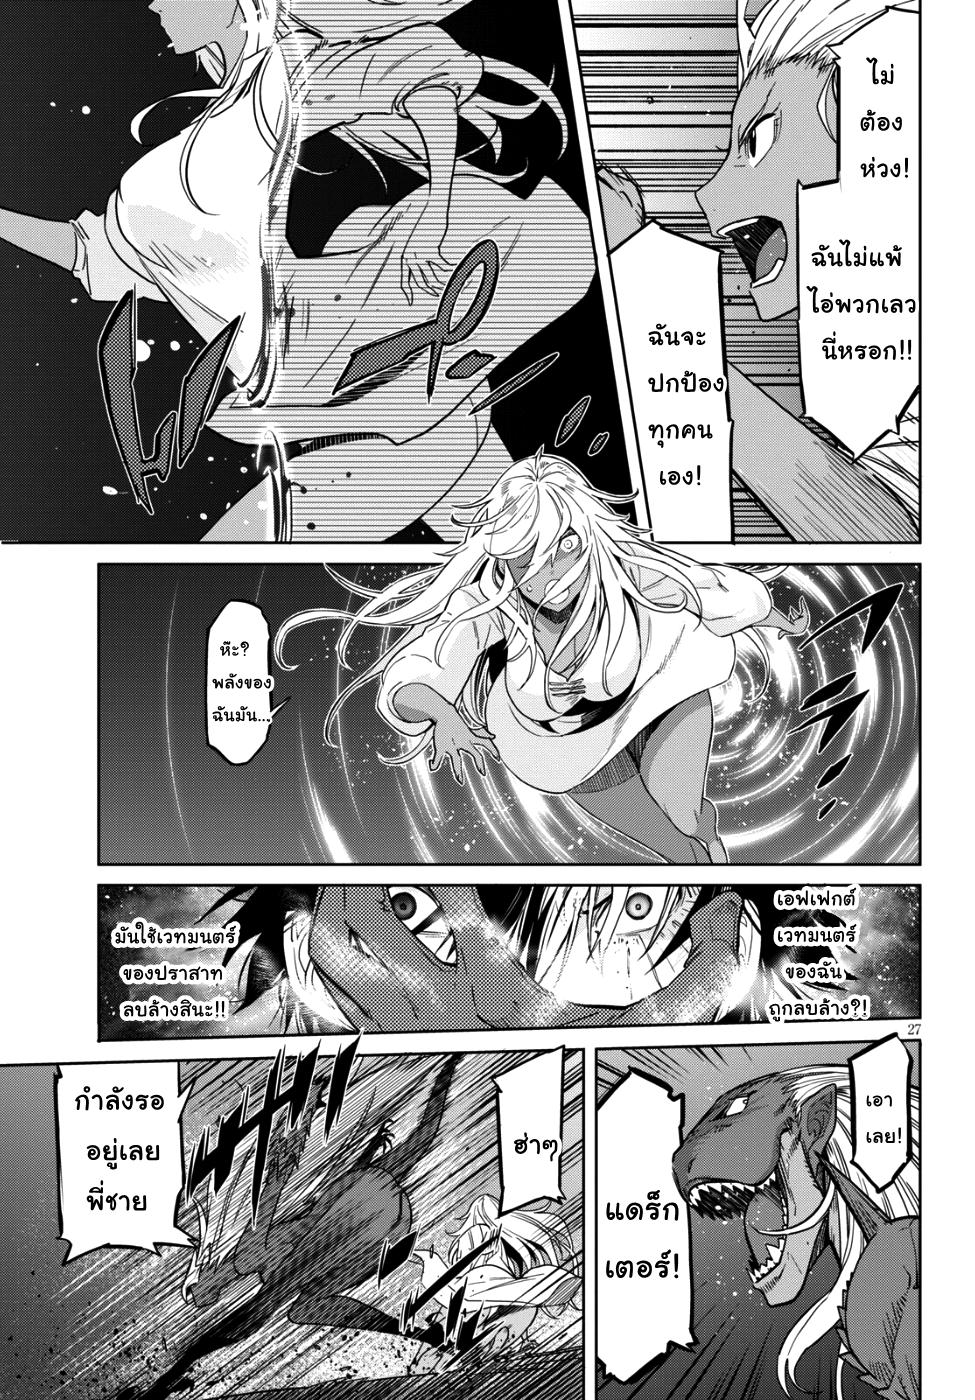 อ่านการ์ตูน Game obu Familia - Family Senki ตอนที่ 9 หน้าที่ 26